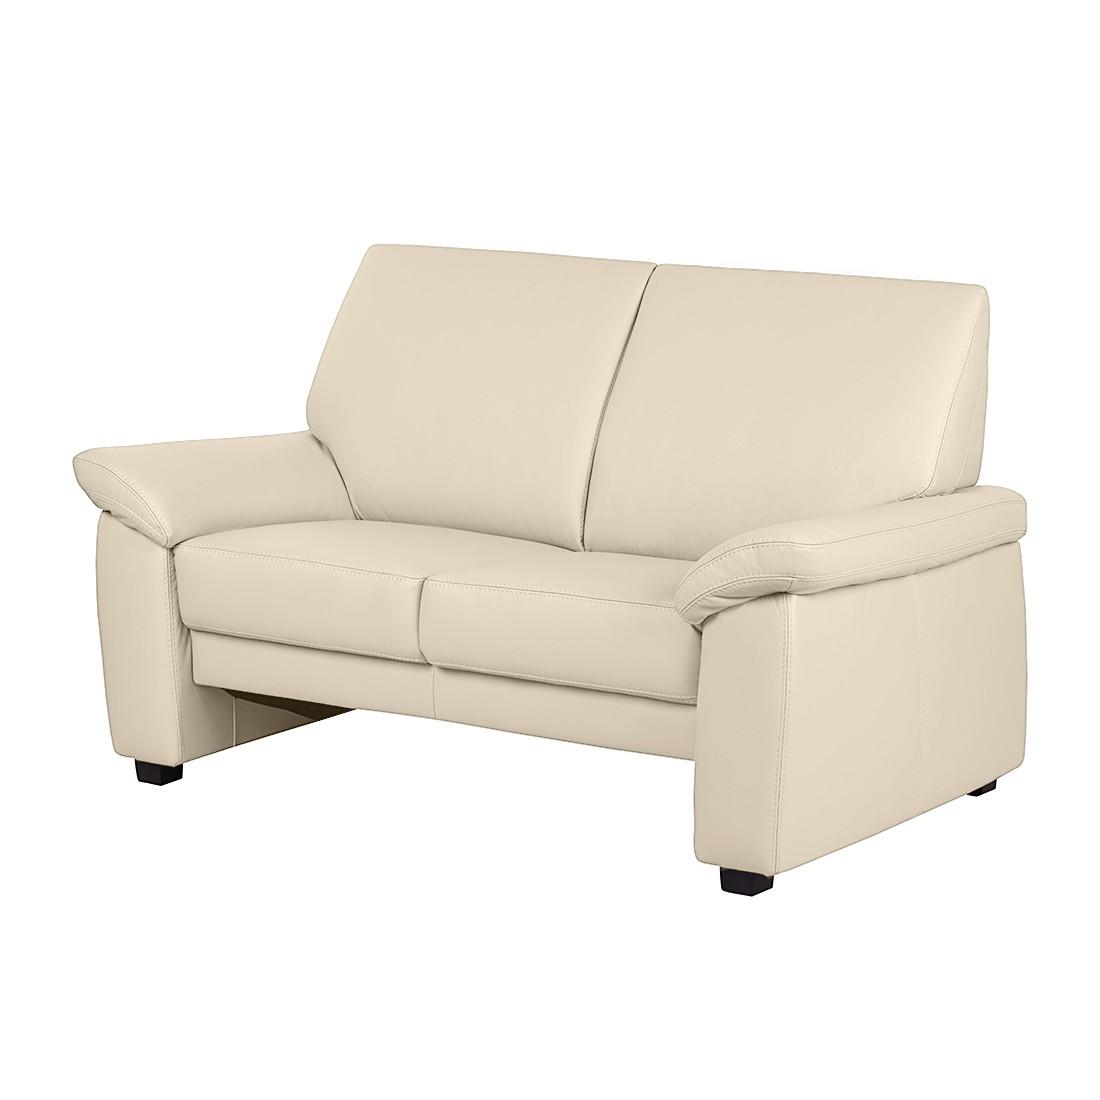 sofa grimsby 2 sitzer echtleder beige nuovoform g nstig online kaufen. Black Bedroom Furniture Sets. Home Design Ideas